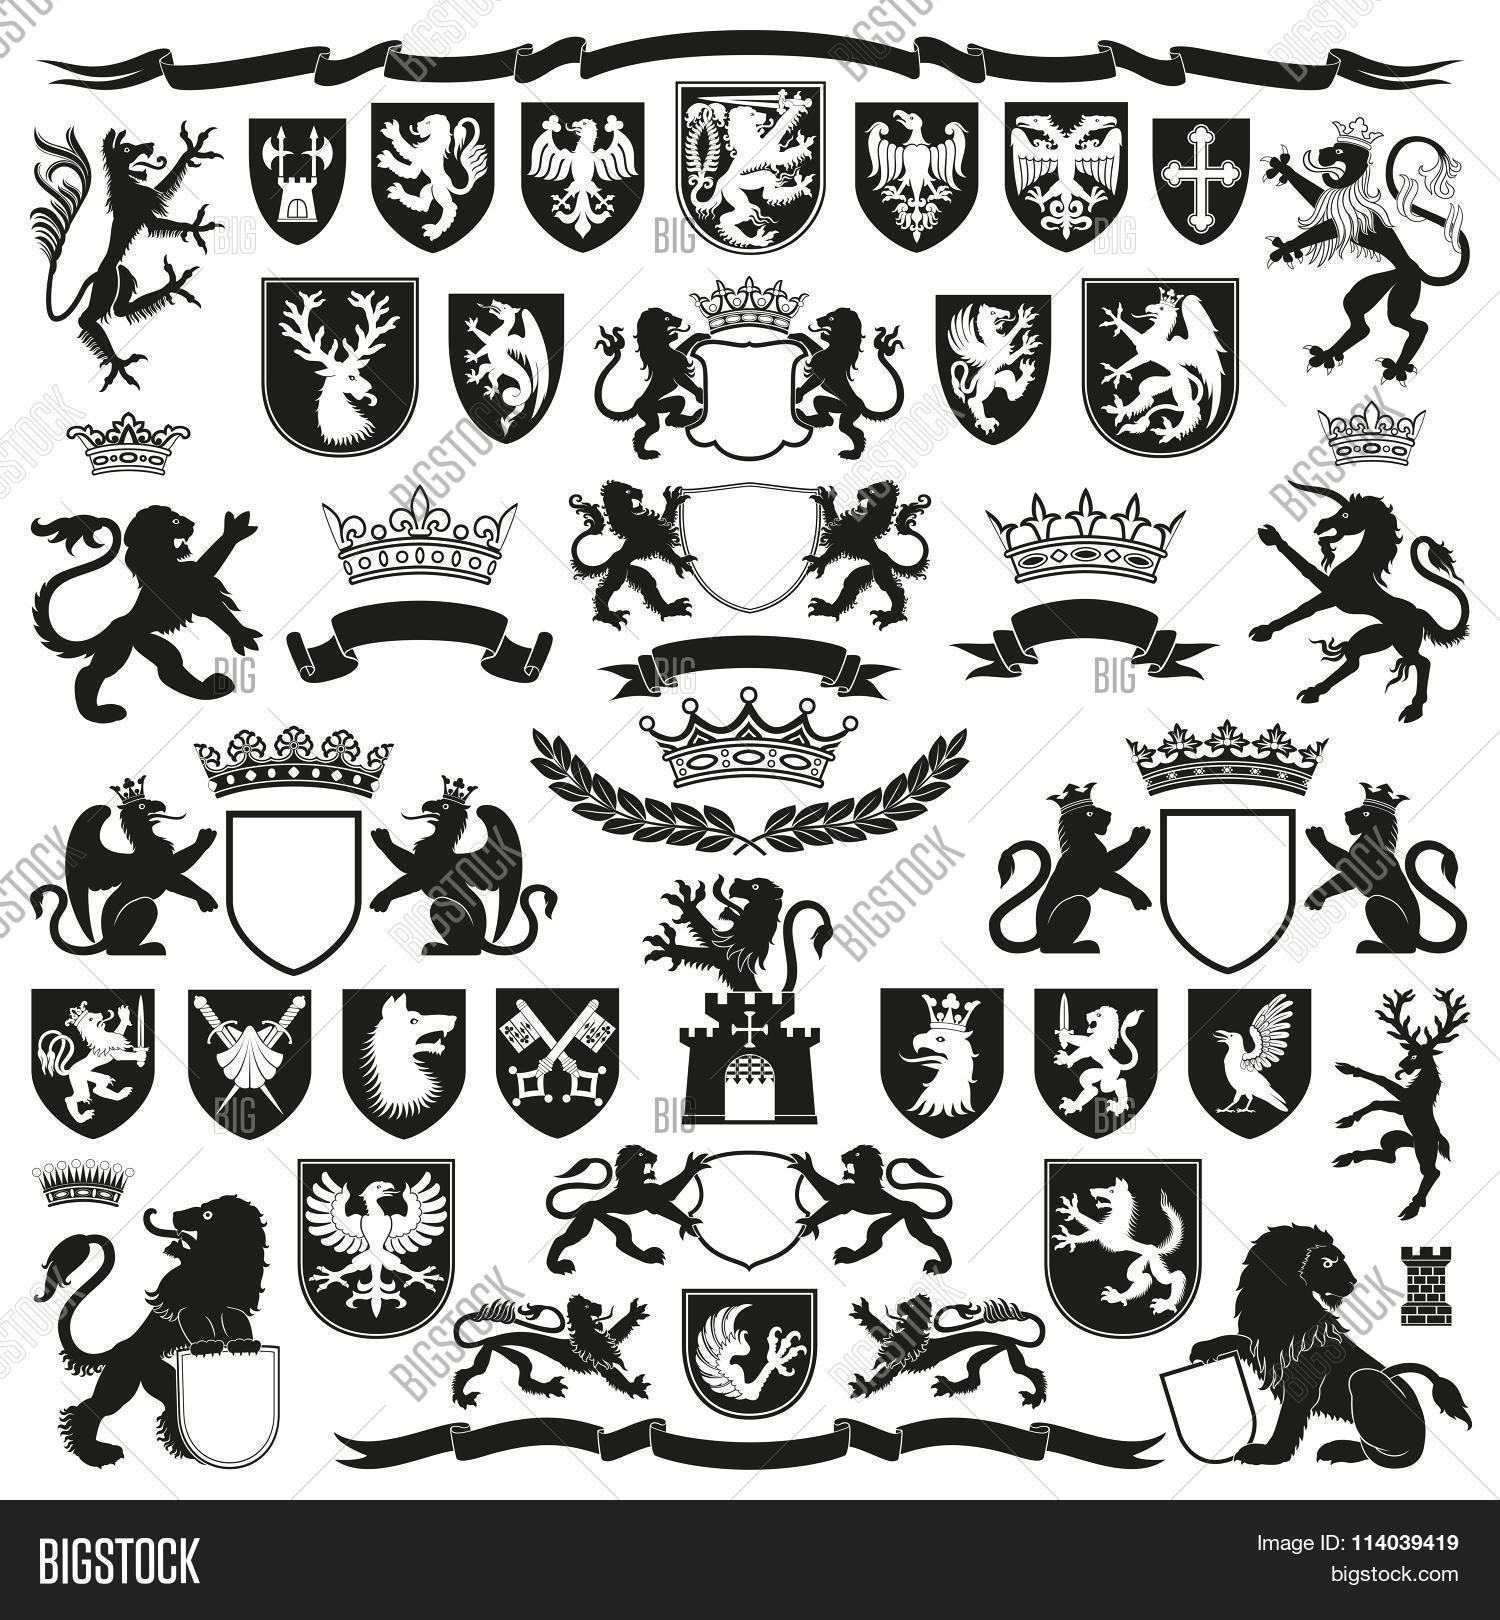 Heraldic Symbols Vectors Best Clipart For Pro User